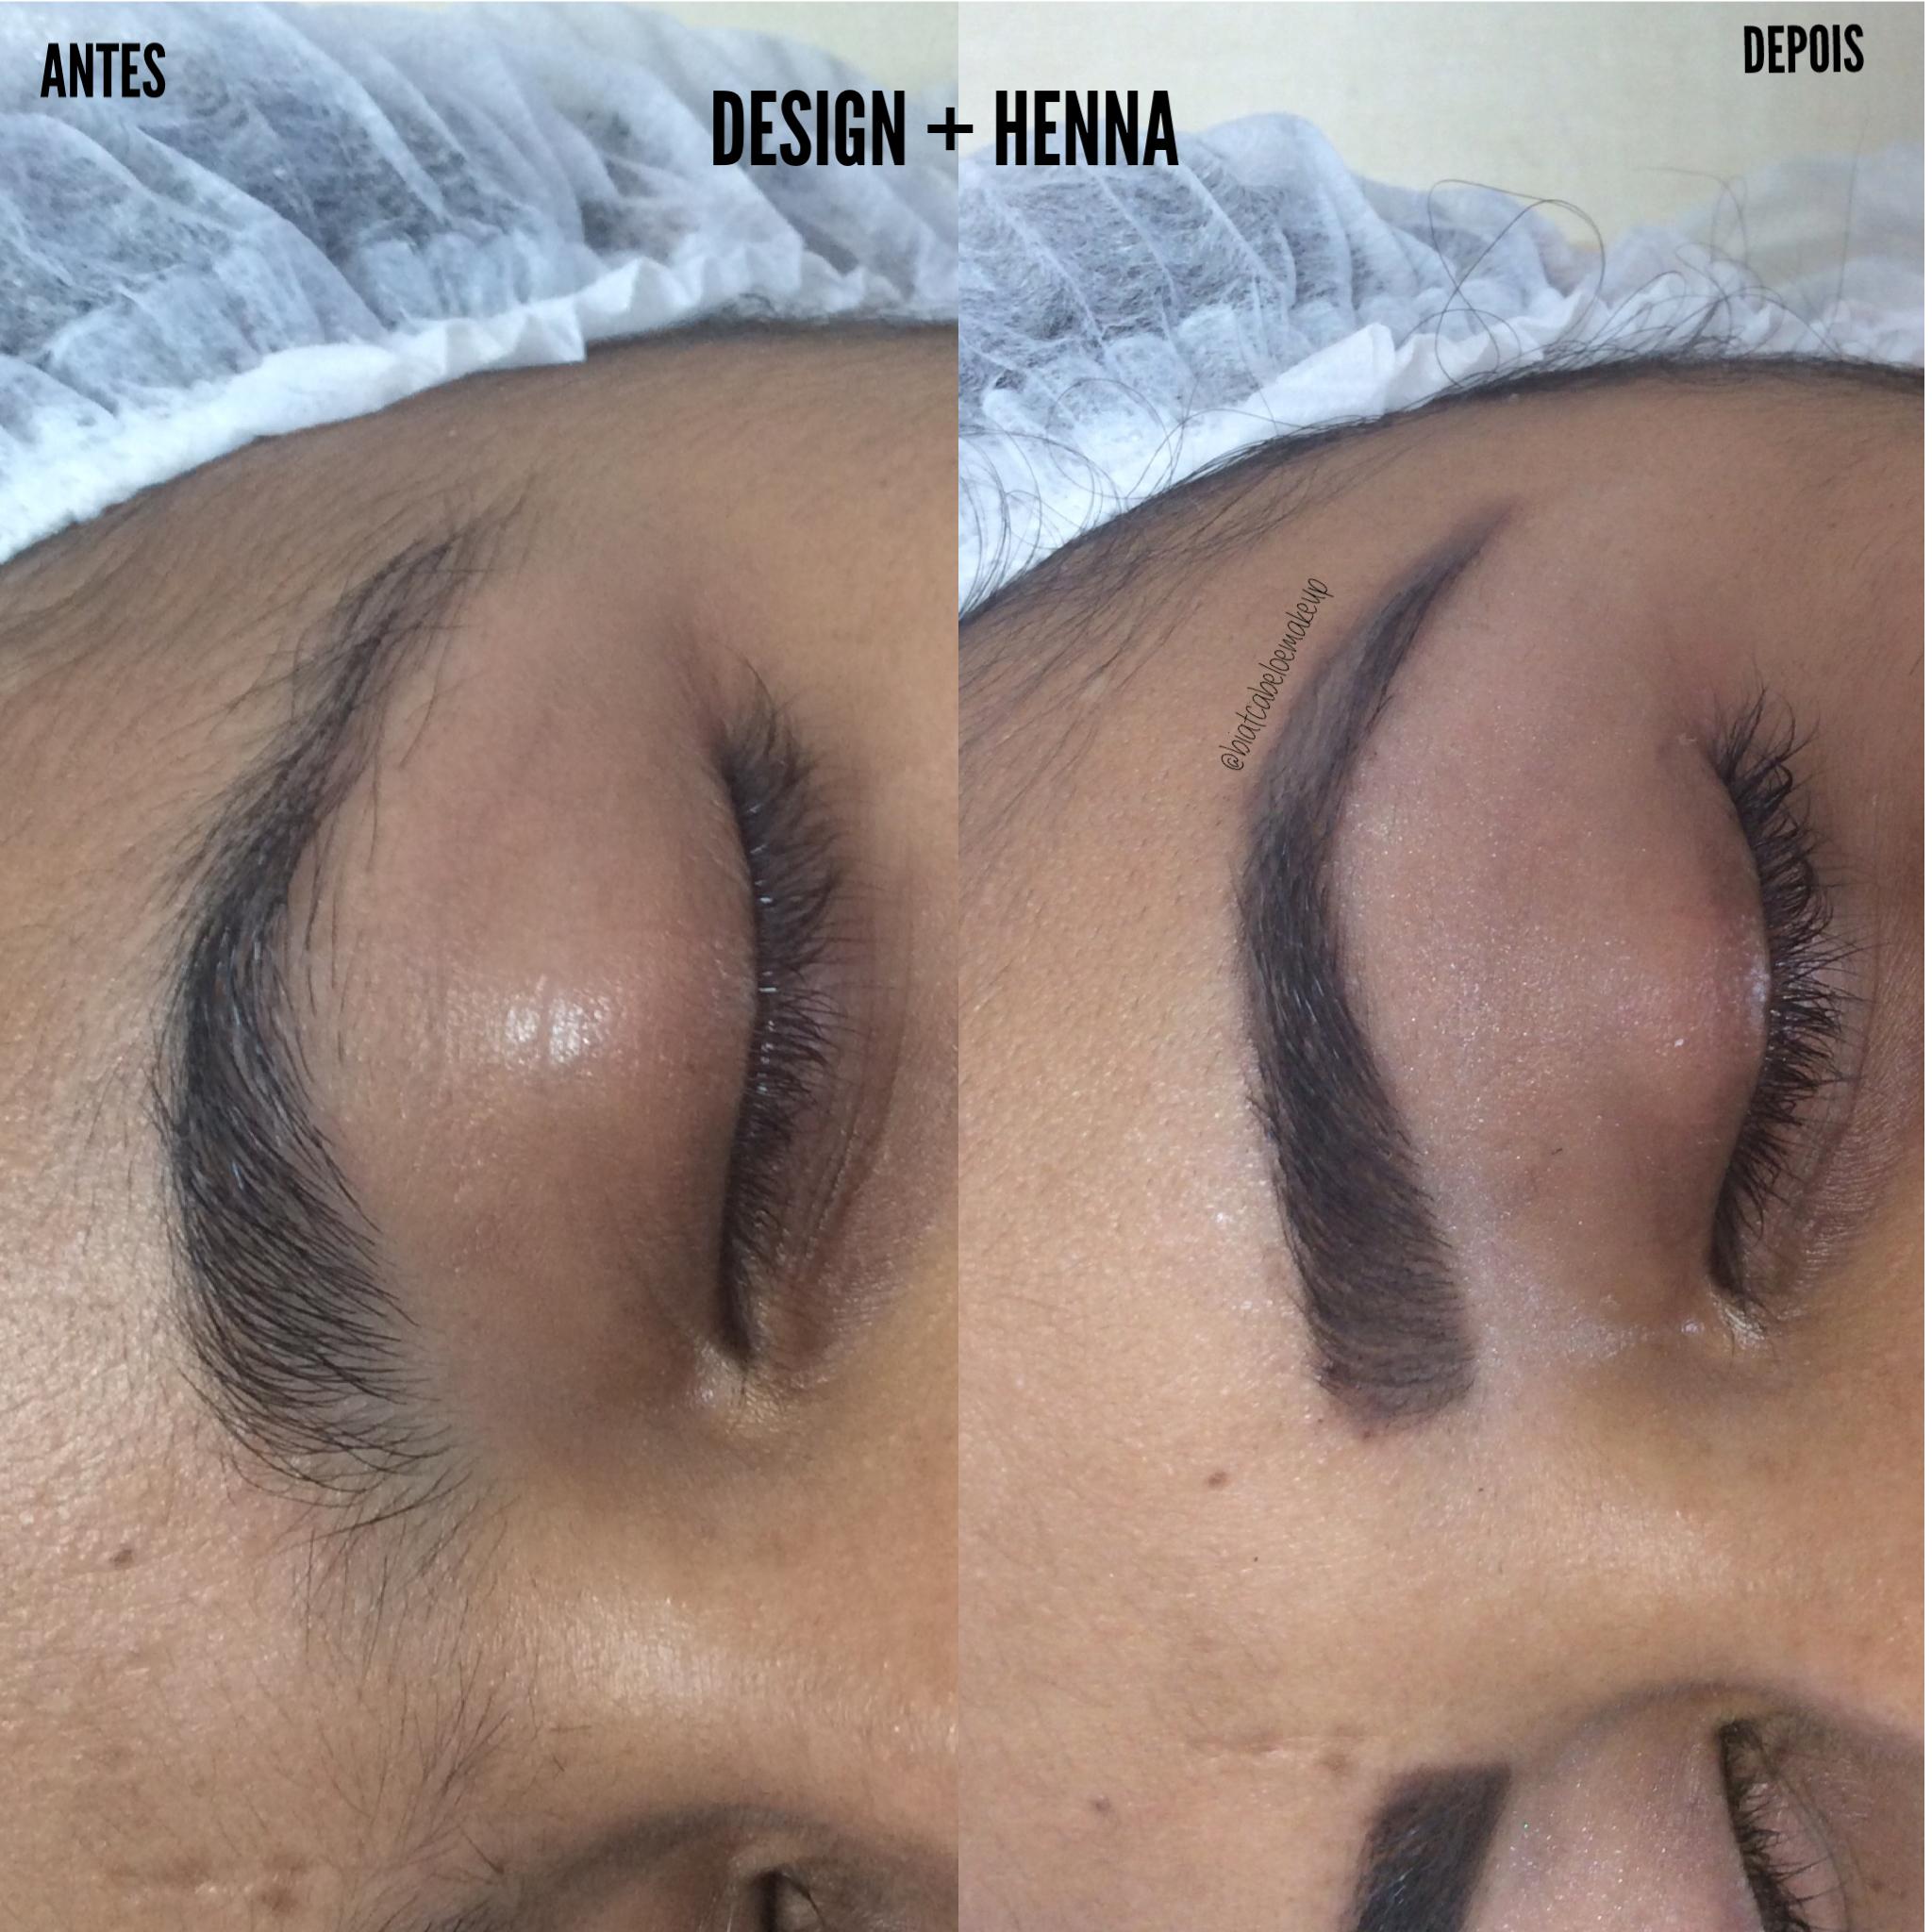 #design#henna outros dermopigmentador(a) designer de sobrancelhas maquiador(a)